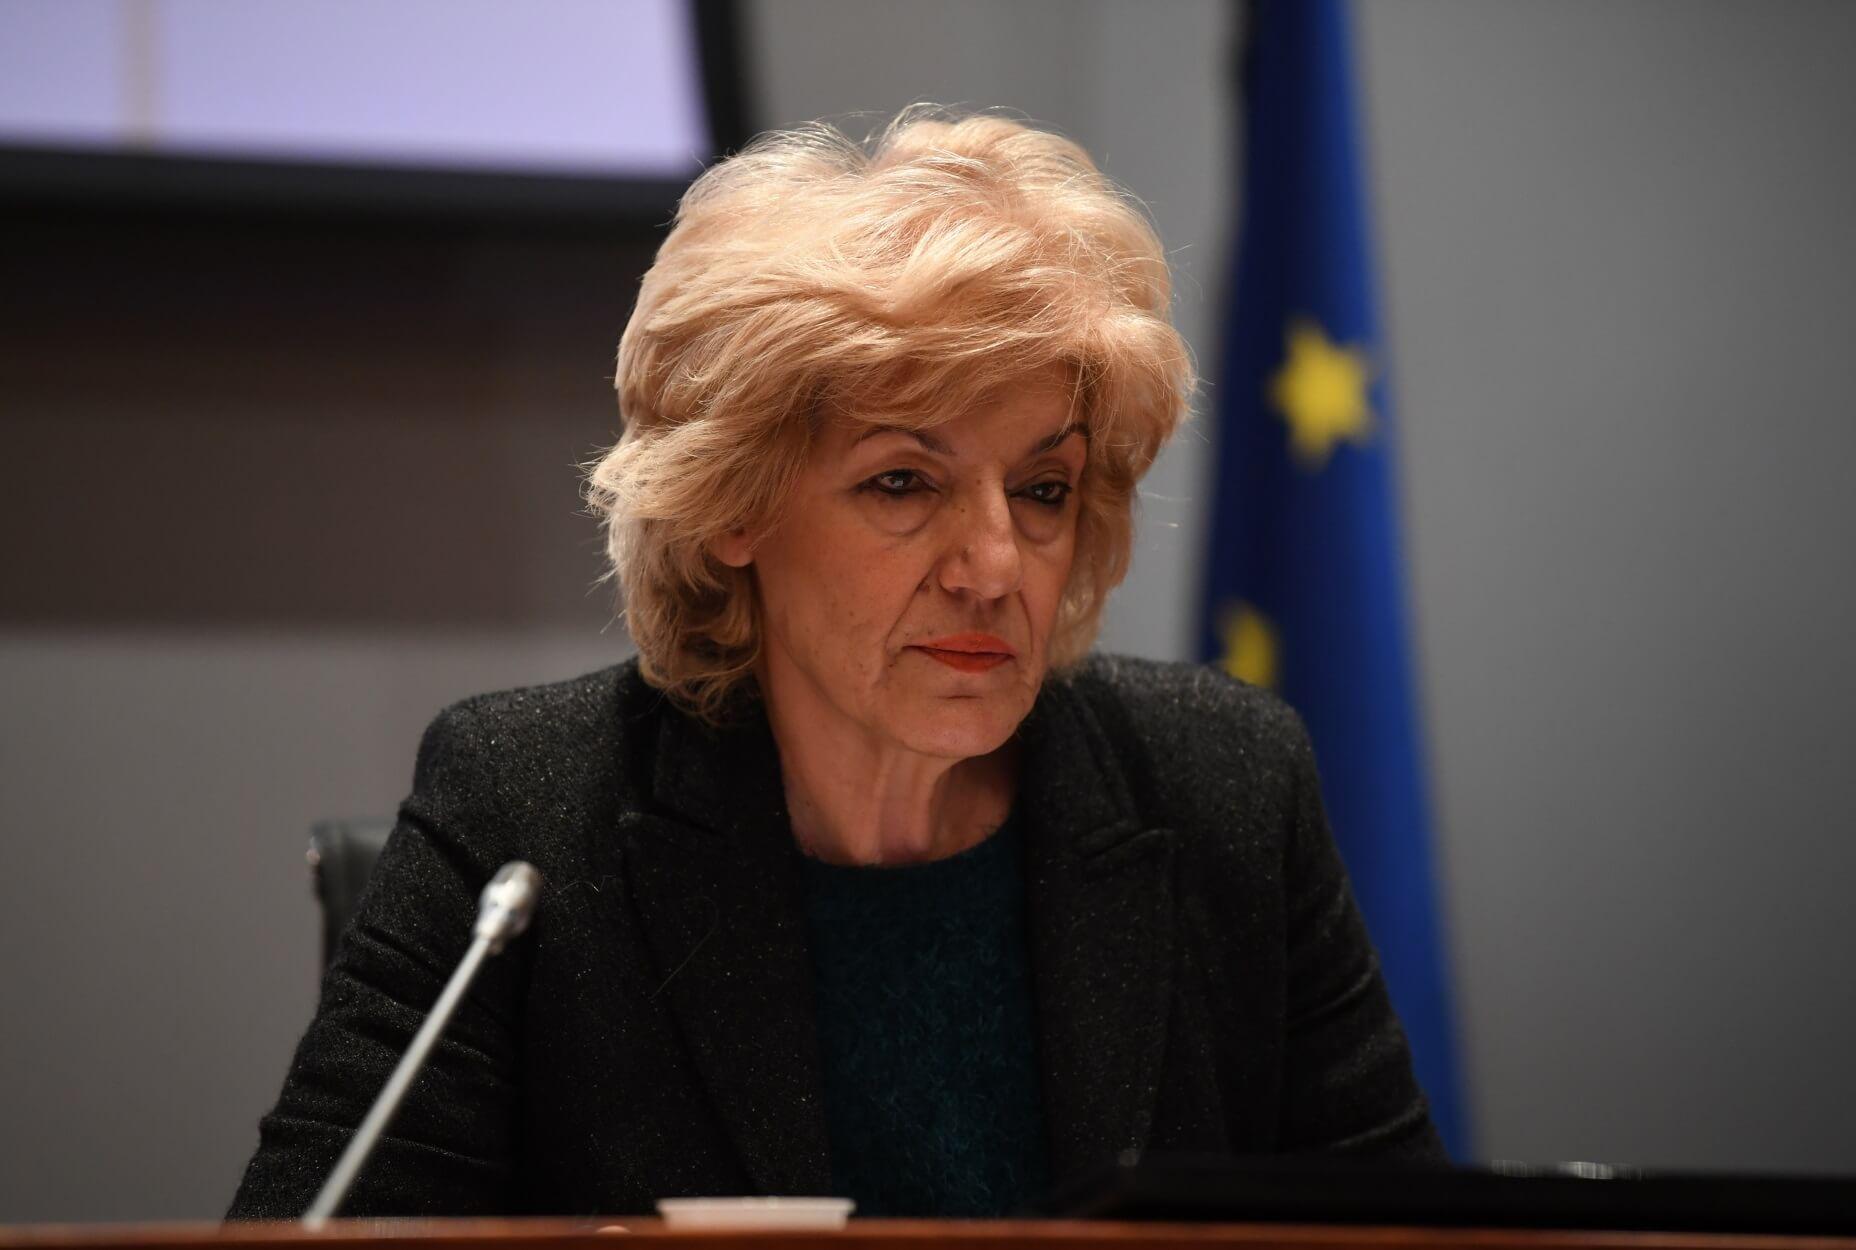 Αναγνωστοπούλου: Υπέγραψε συμφωνία διάνοιξης συνοριακού αυτοκινητόδρομου με τη Βόρεια Μακεδονία